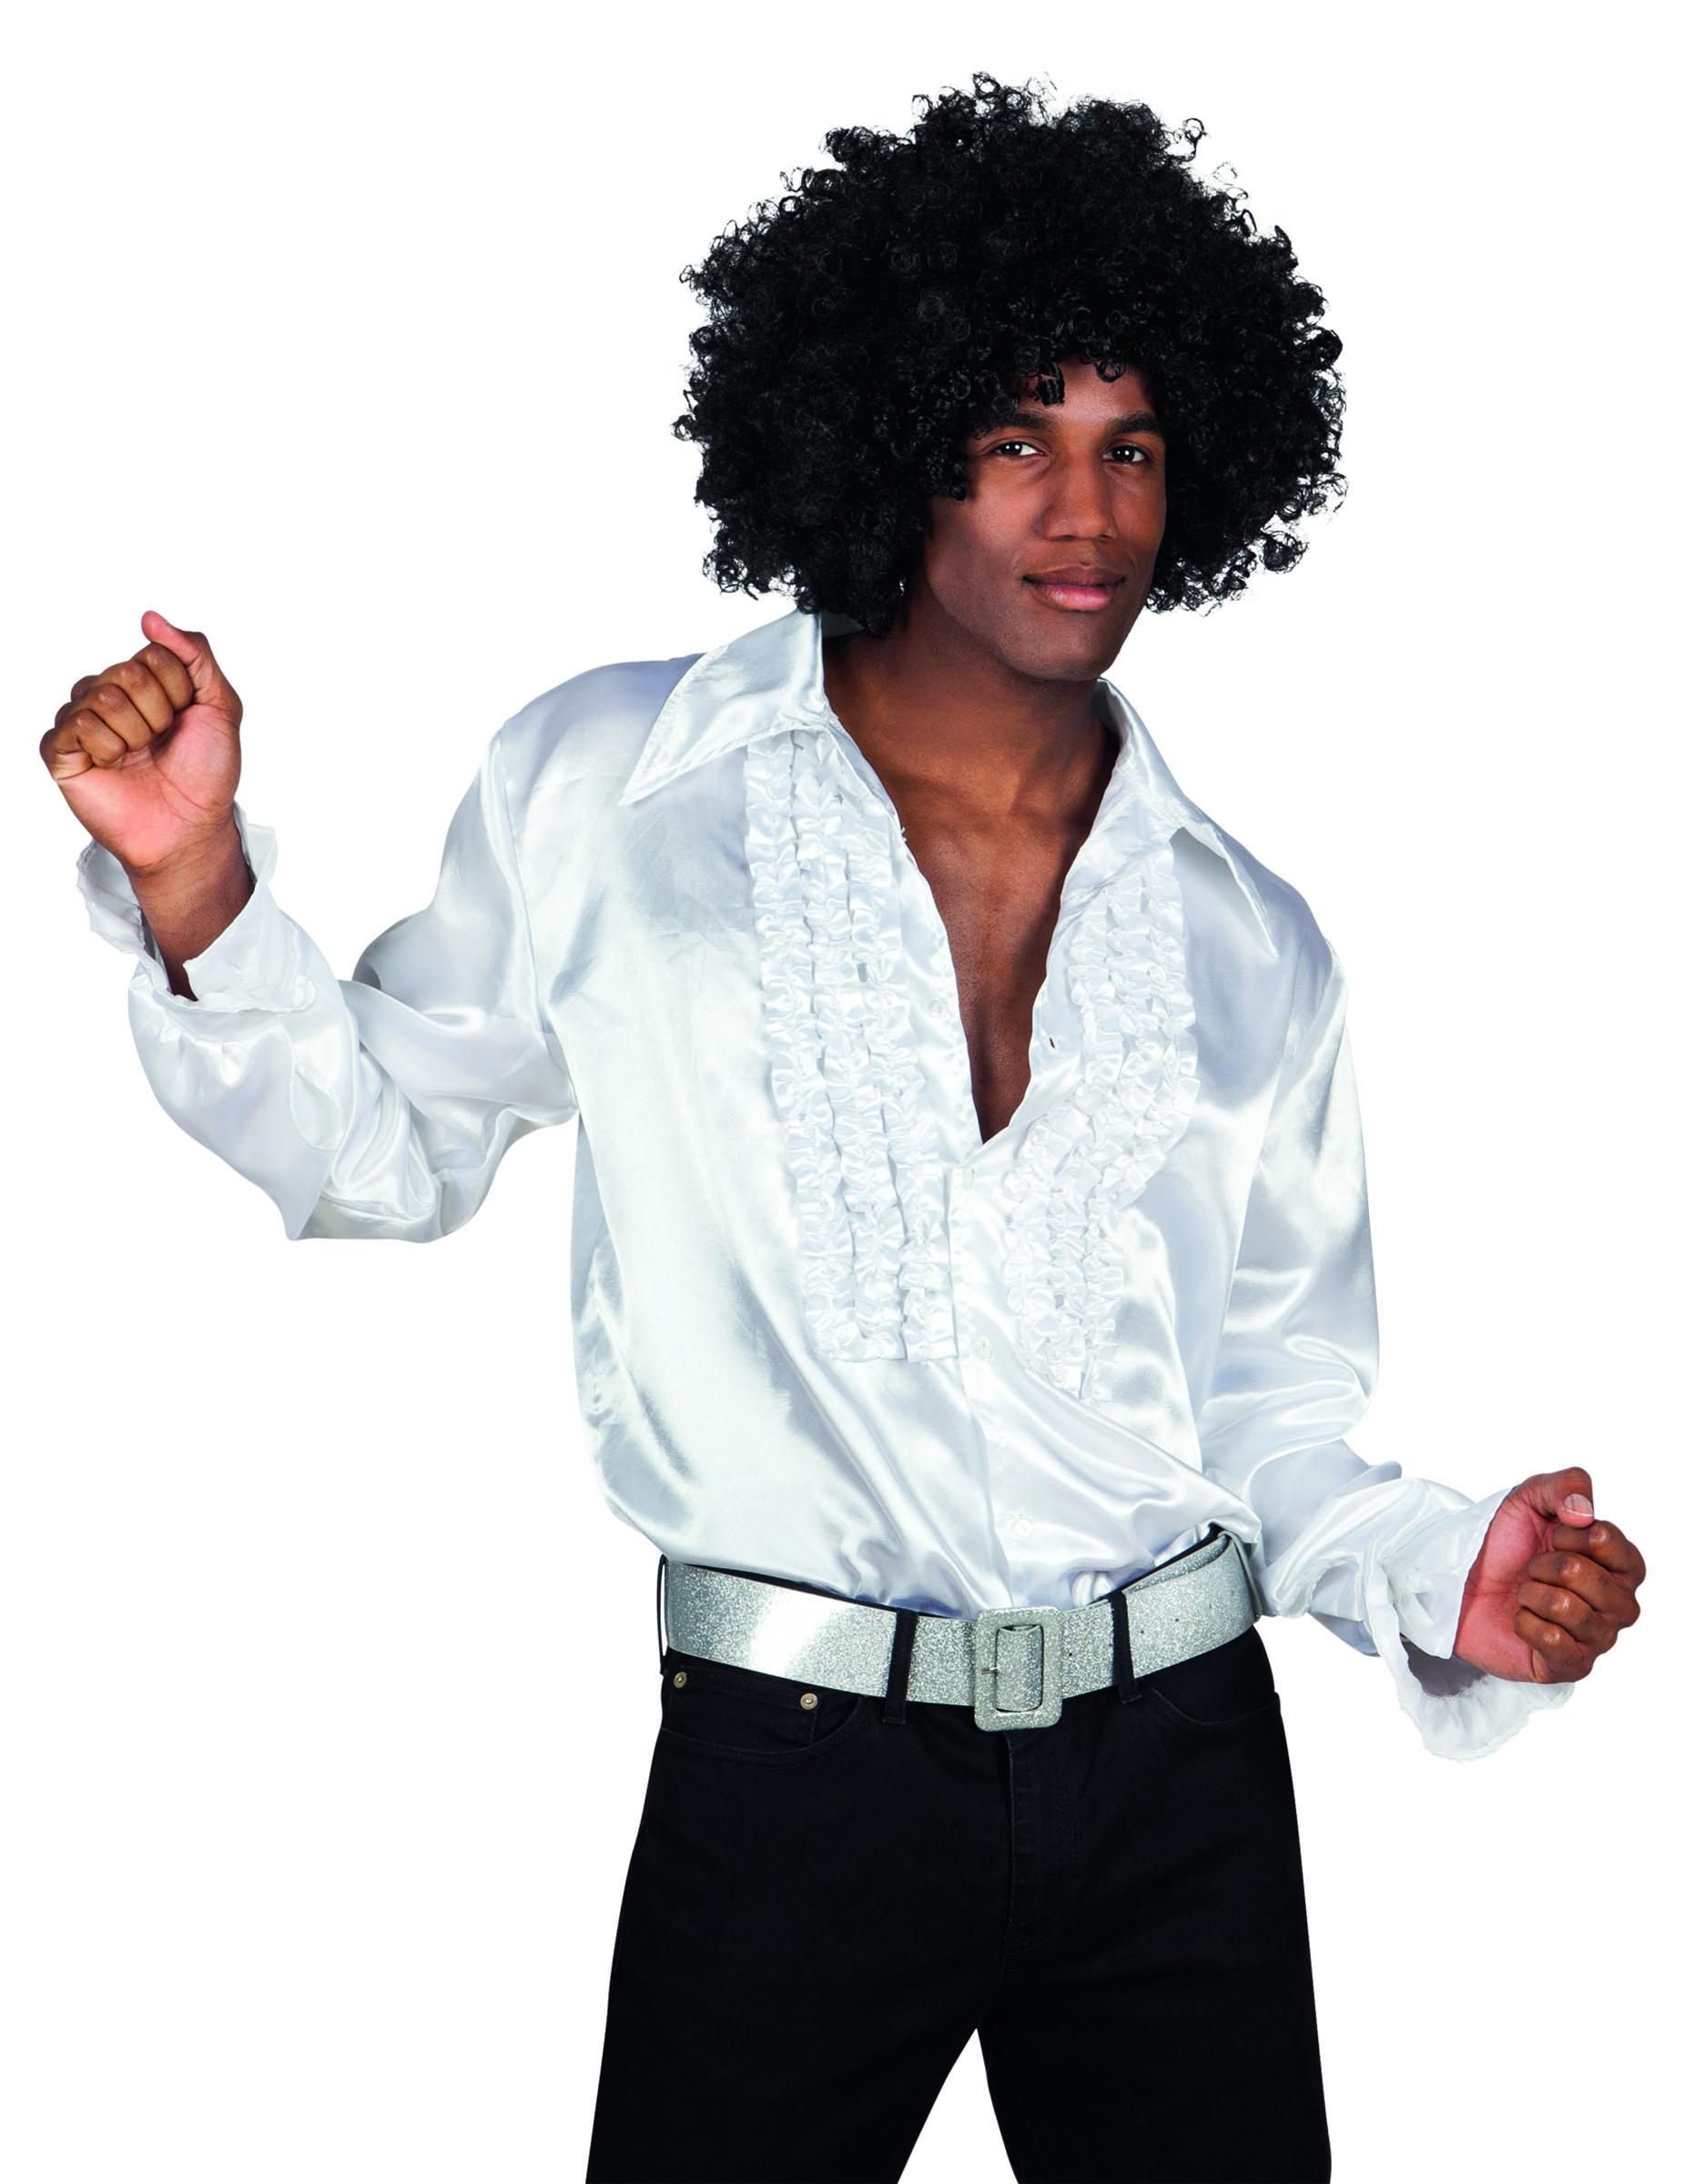 664fdccf705e0 Camisa blanca estilo disco para adulto  Disfraces adultos